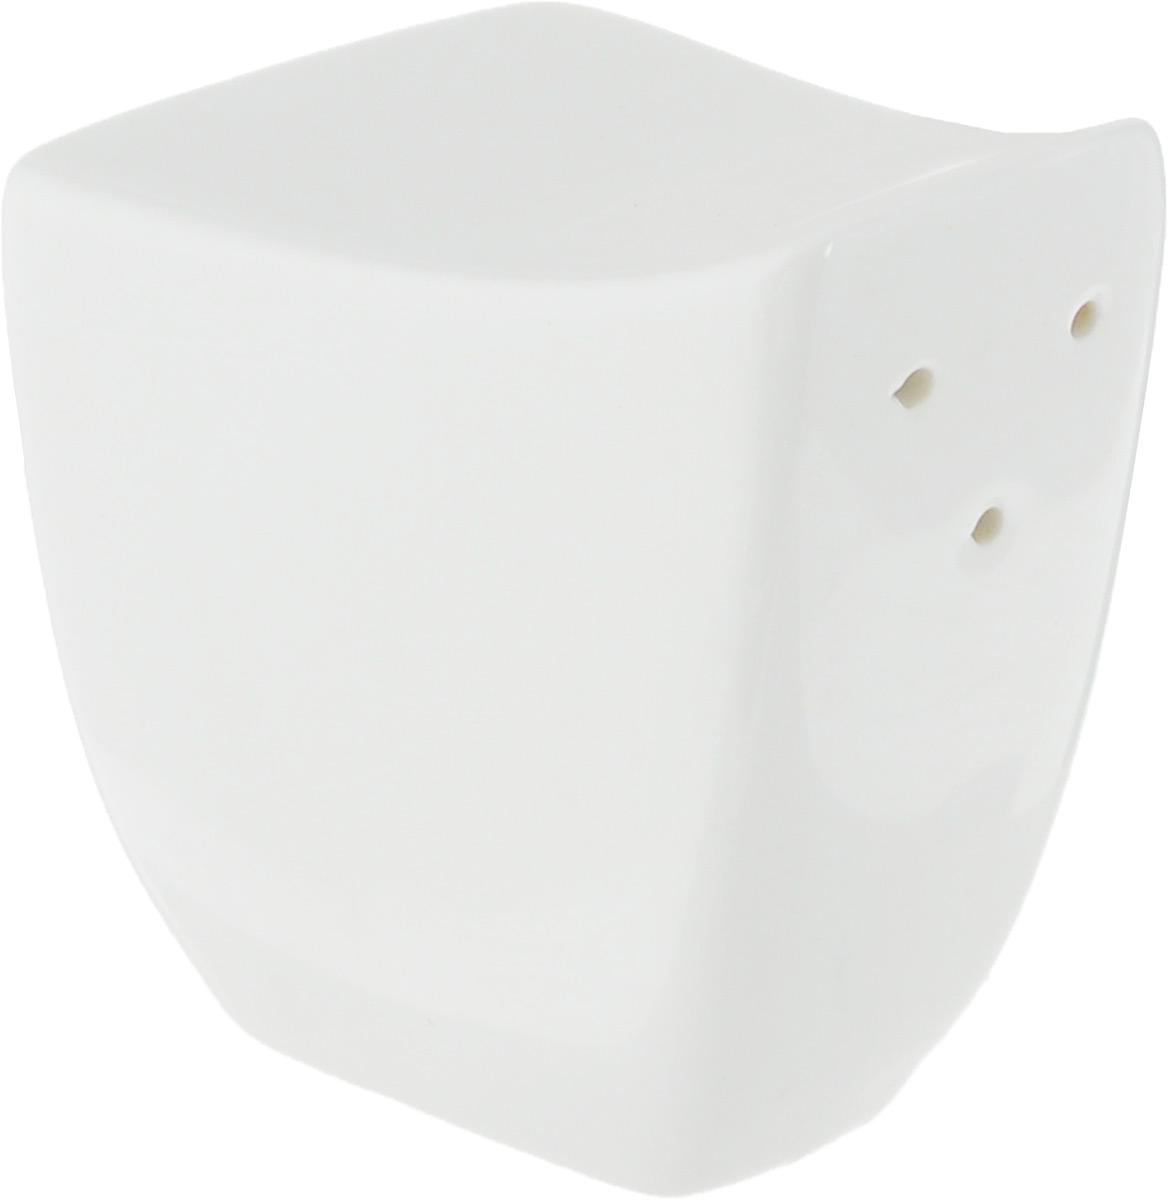 Солонка Ariane Rectangle, 5 х 5,5 х 4 смAVRARN71001Солонка Ariane Rectangle изготовлена из высококачественного фарфора белого цвета. Солонка имеет три отверстия для высыпания соли, на дне - отверстие, позволяющее наполнить емкость, снабженное силиконовой вставкой. Такая солонка украсит сервировку вашего стола и подчеркнет прекрасный вкус хозяина, а также станет отличным подарком. Можно мыть в посудомоечной машине.